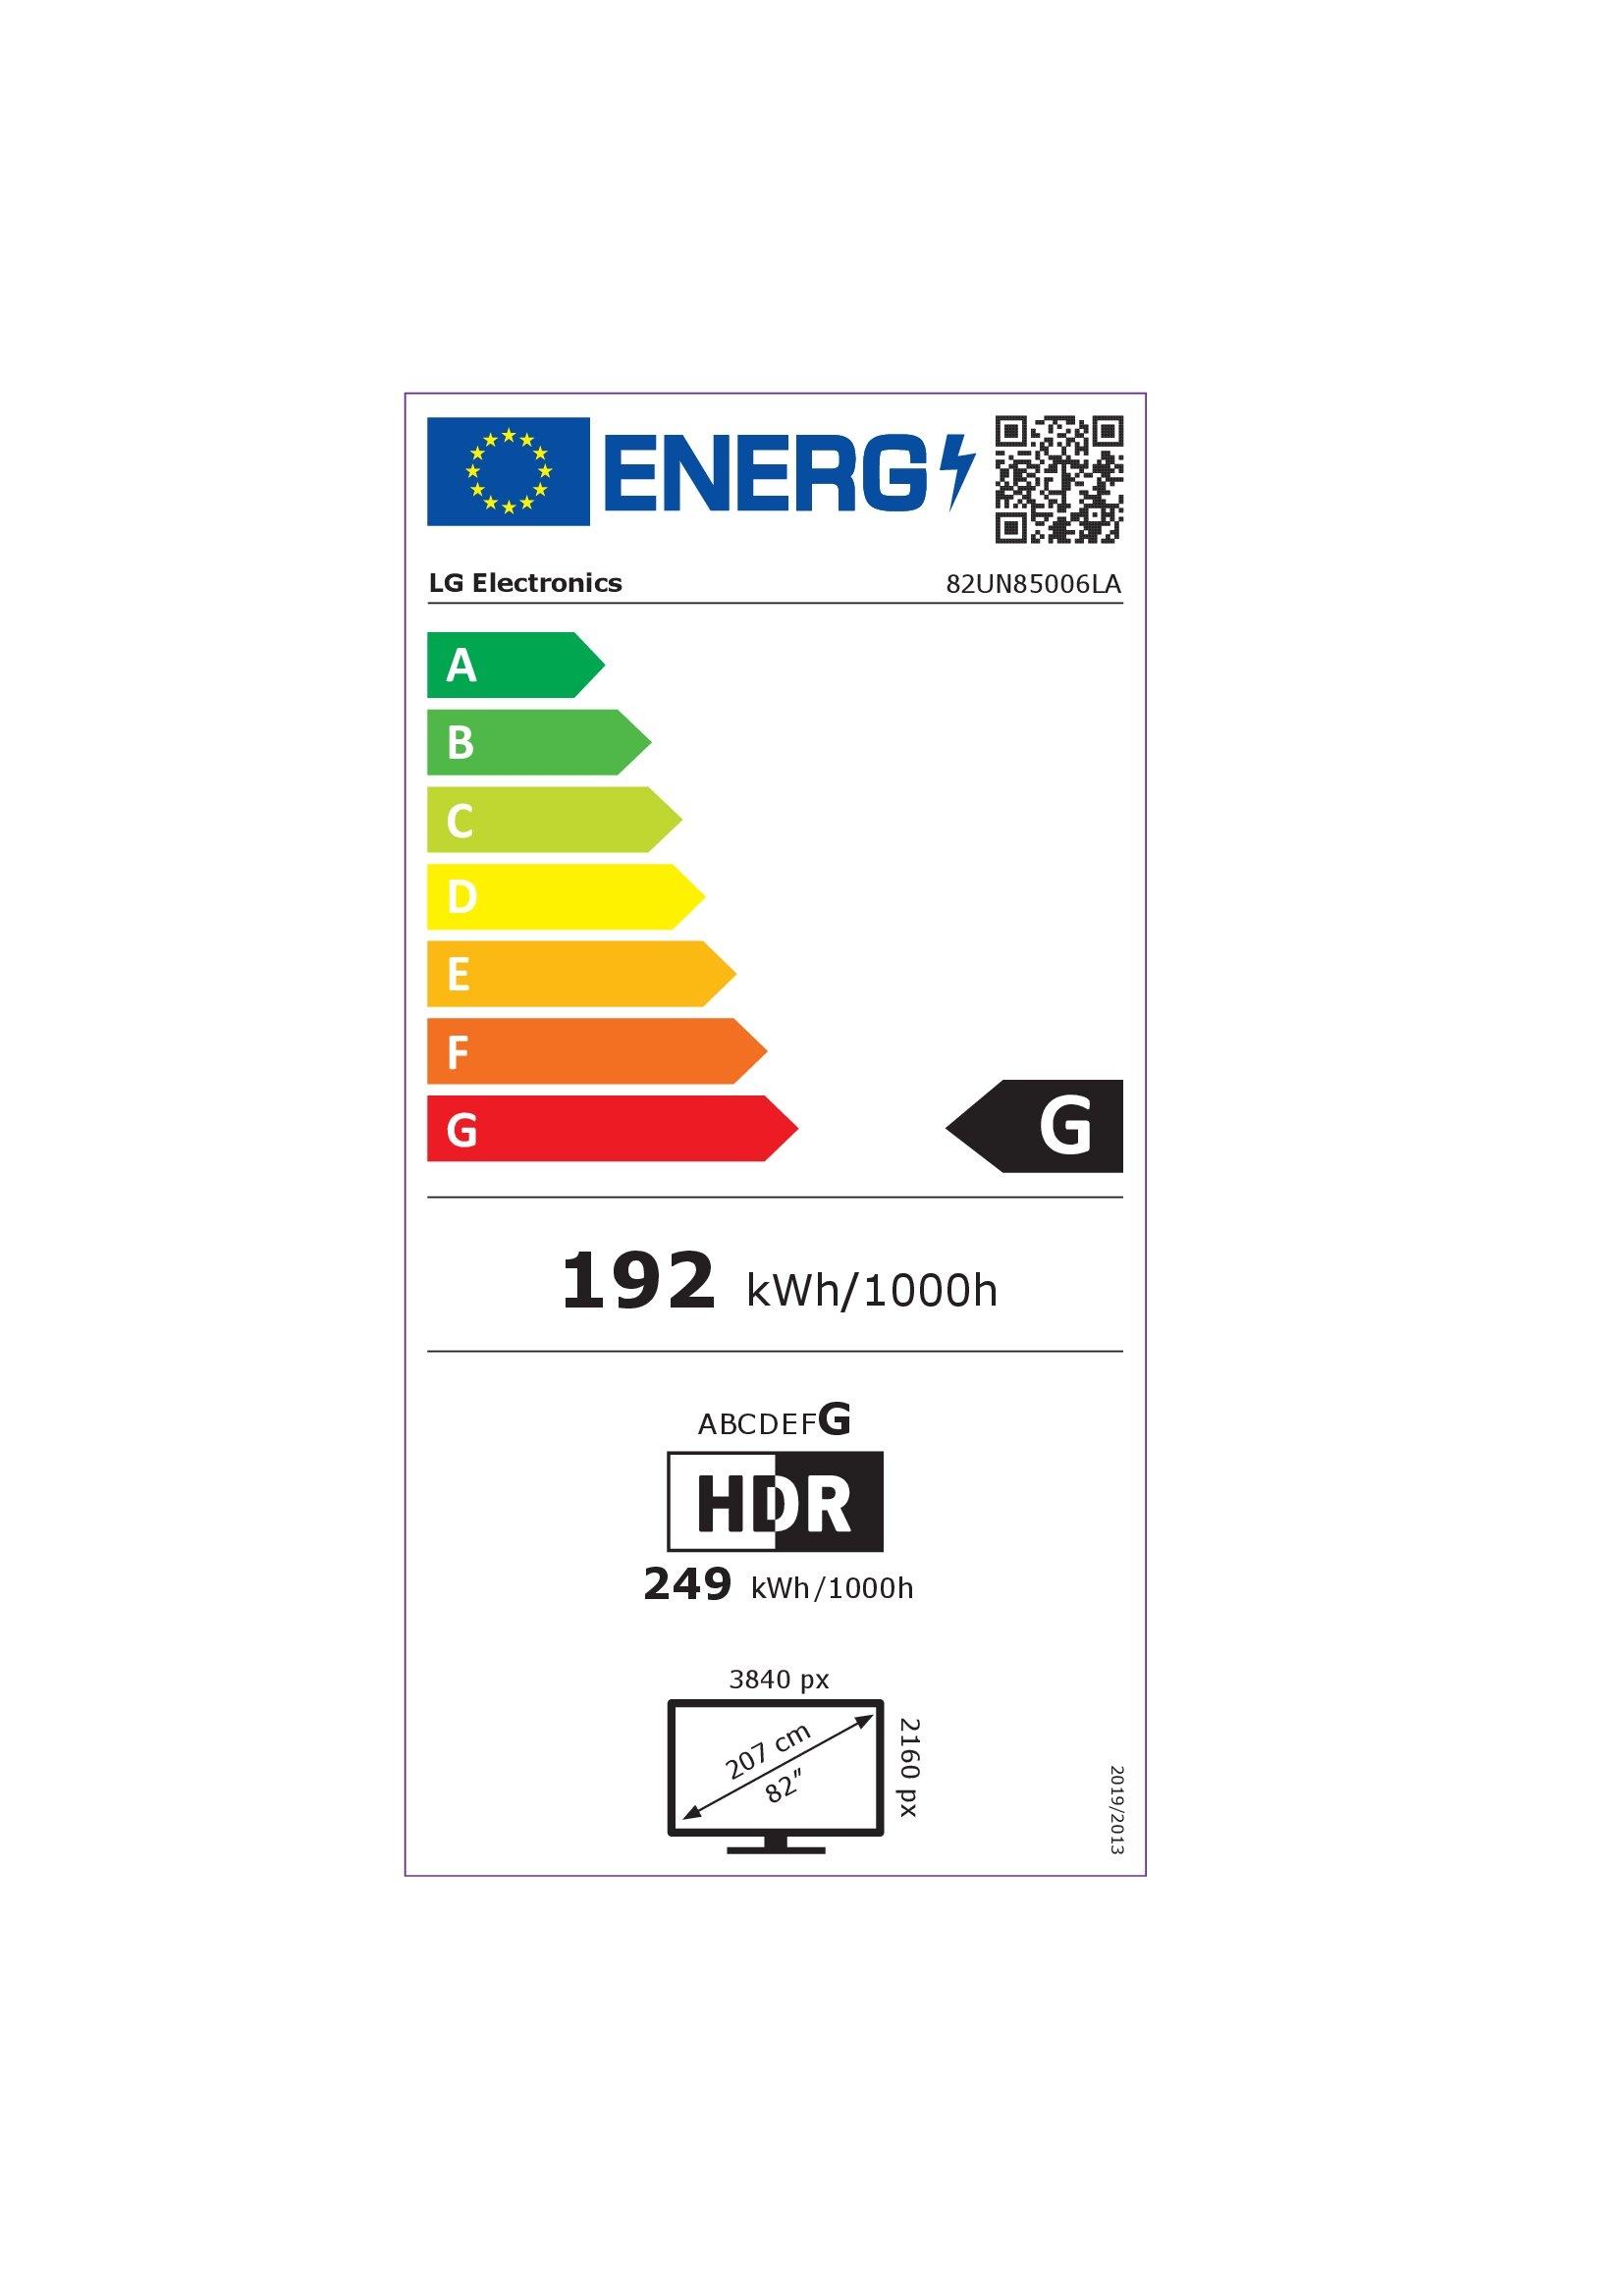 Etiqueta energética LG 82UN85006LA 82